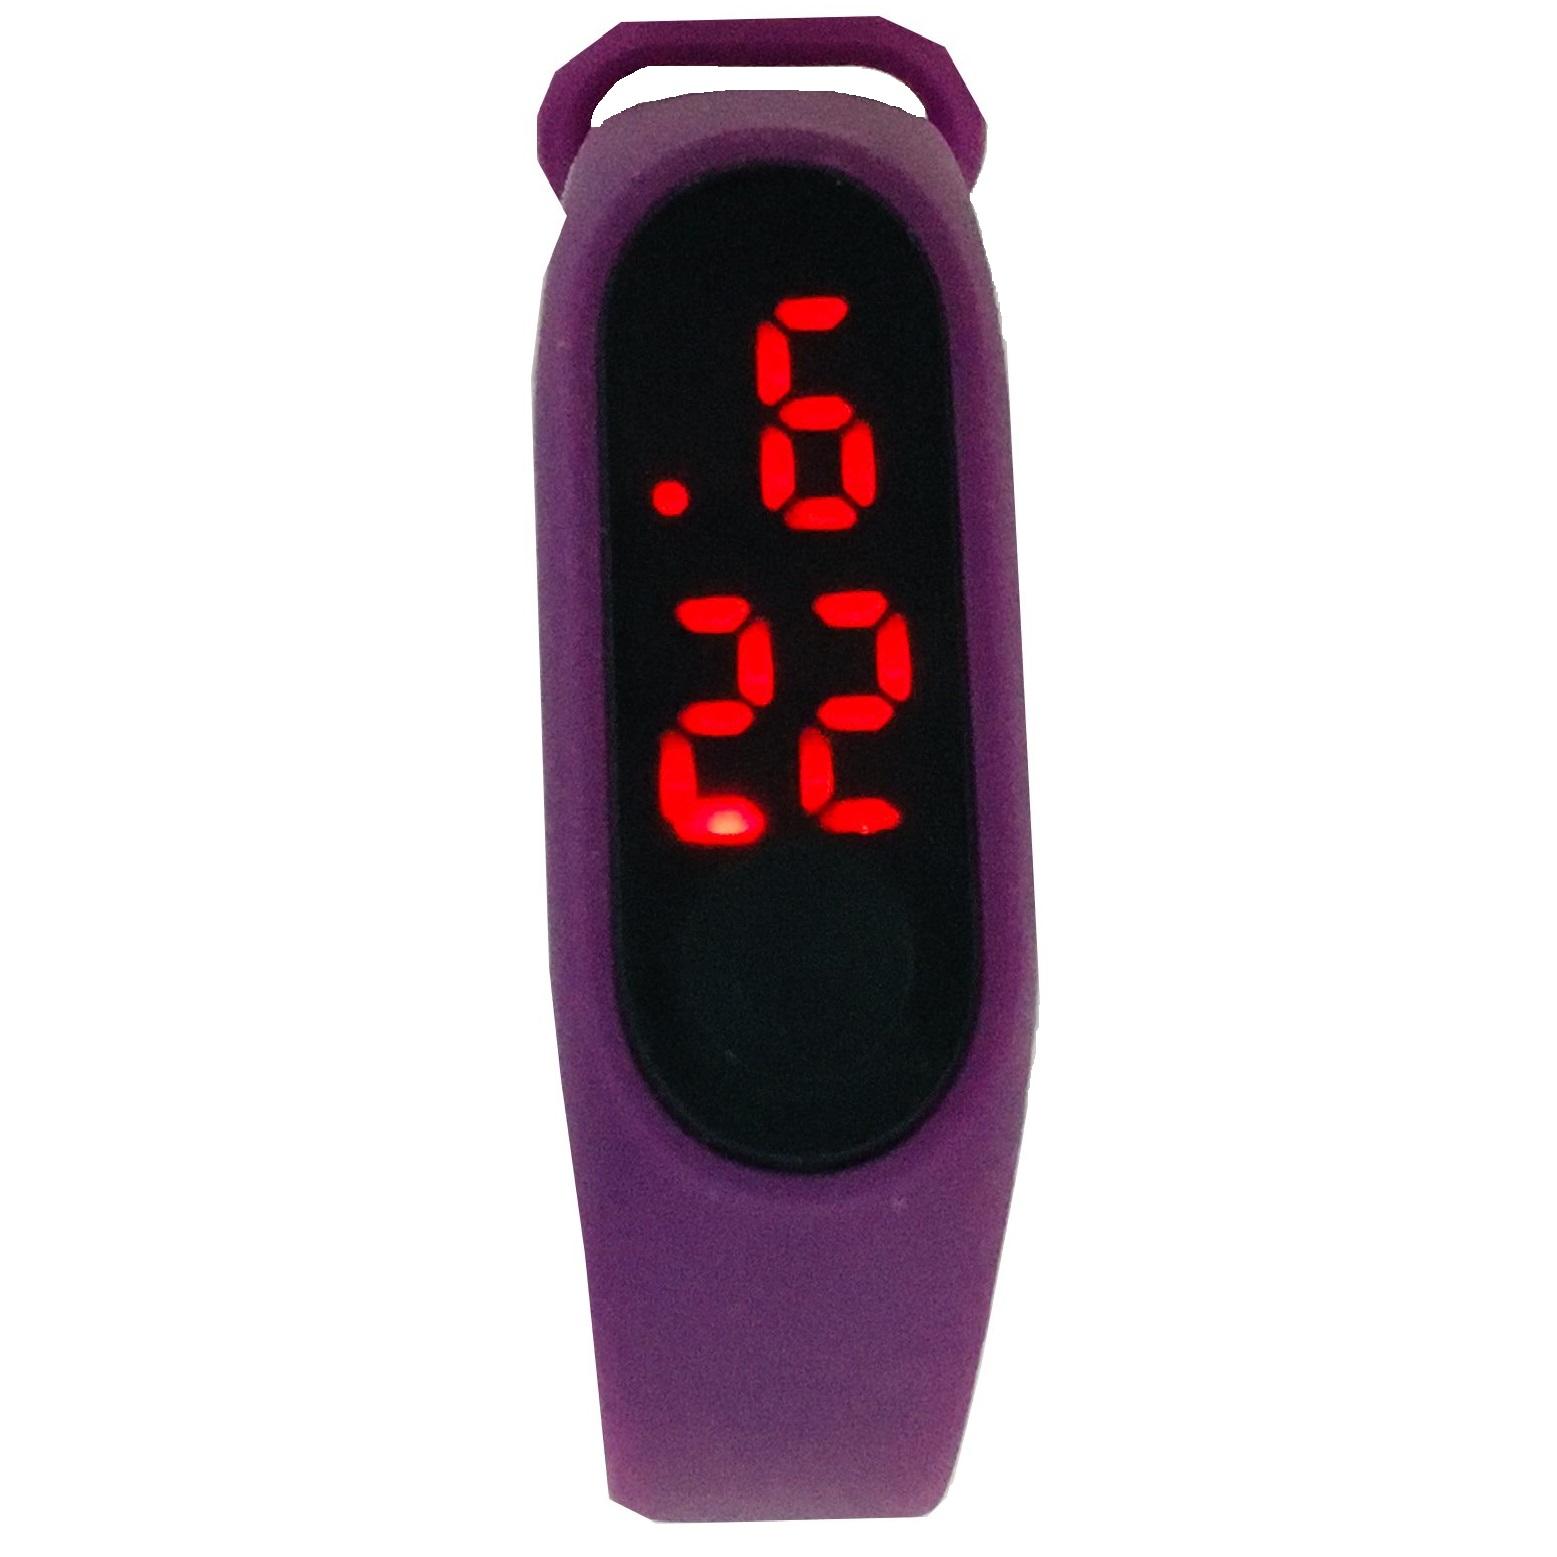 ساعت مچی دیجیتال کد 1282             قیمت